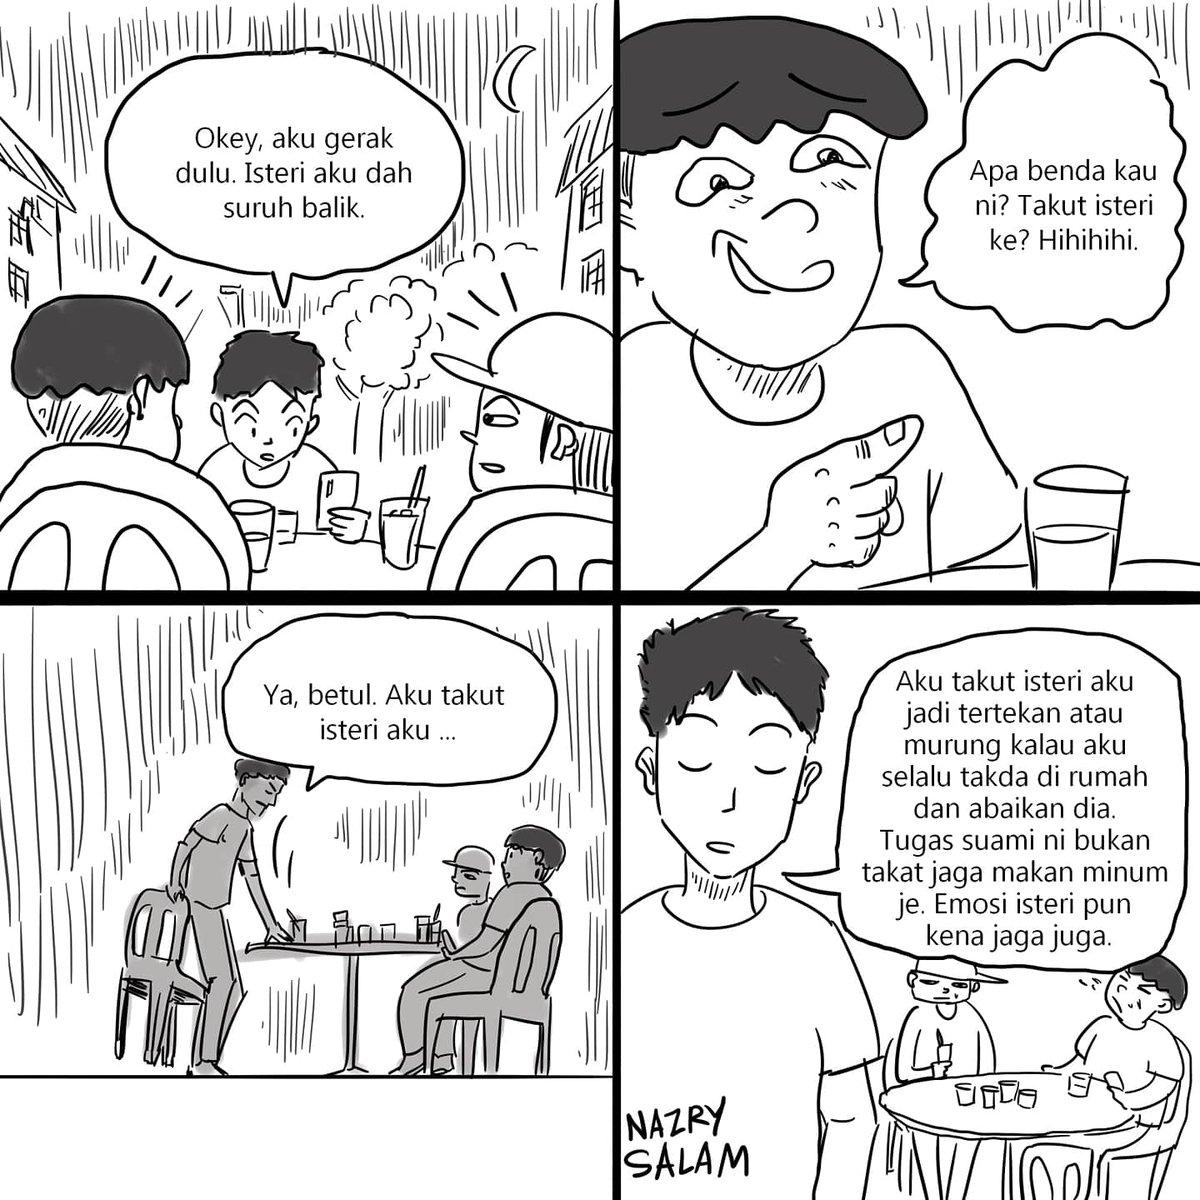 Komik #95  Tugas suami bukan takat kerja cari duit. Besar tanggungjawab kita sebagai lelaki ni.  #komikNazrySalam #NazrySalam #komikMalaysia #SkuadMisipic.twitter.com/OBdsTkWpSH